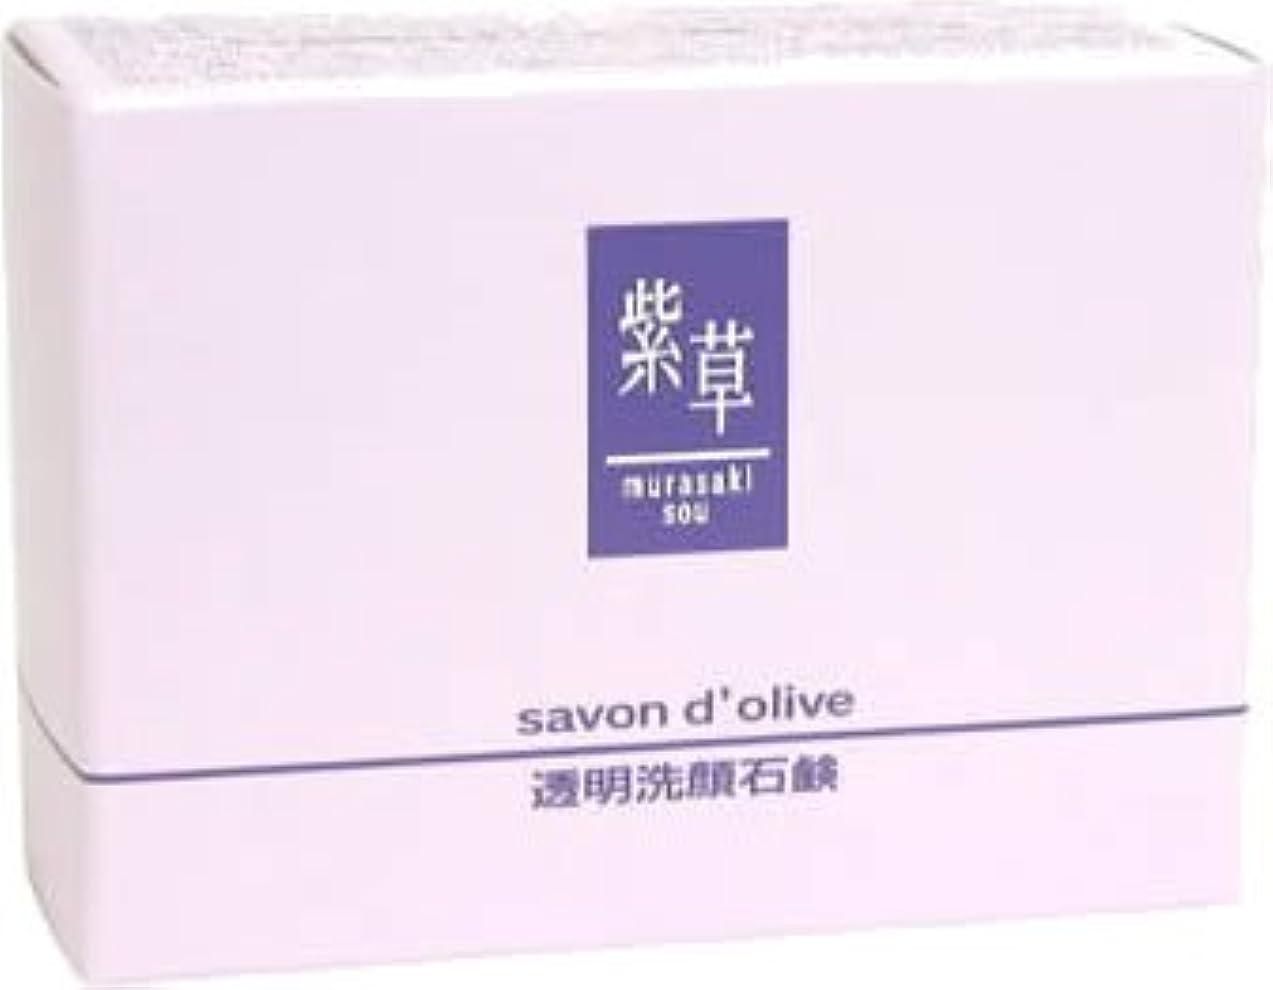 スーパーマーケット詩電話する紫草 サボンドリーブ(洗顔)